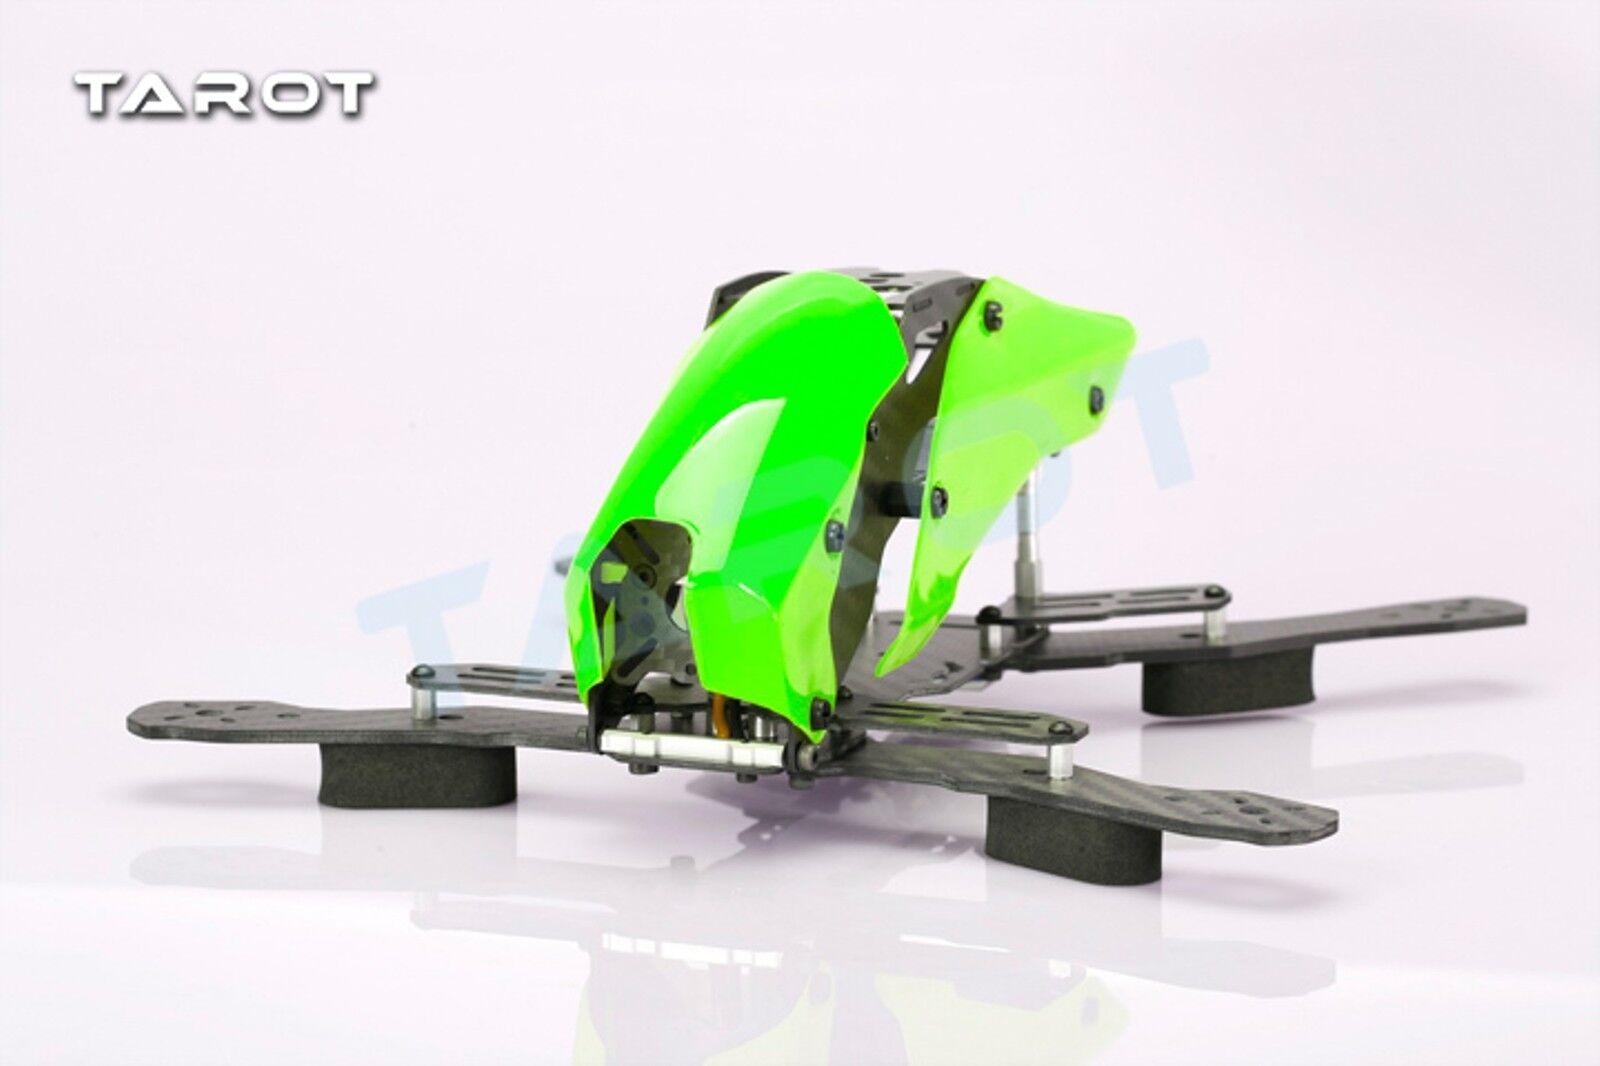 Telaio  racing drone autobonio 250 con scheda integrata Tarosso L250H IN ITALIA     acquisti online